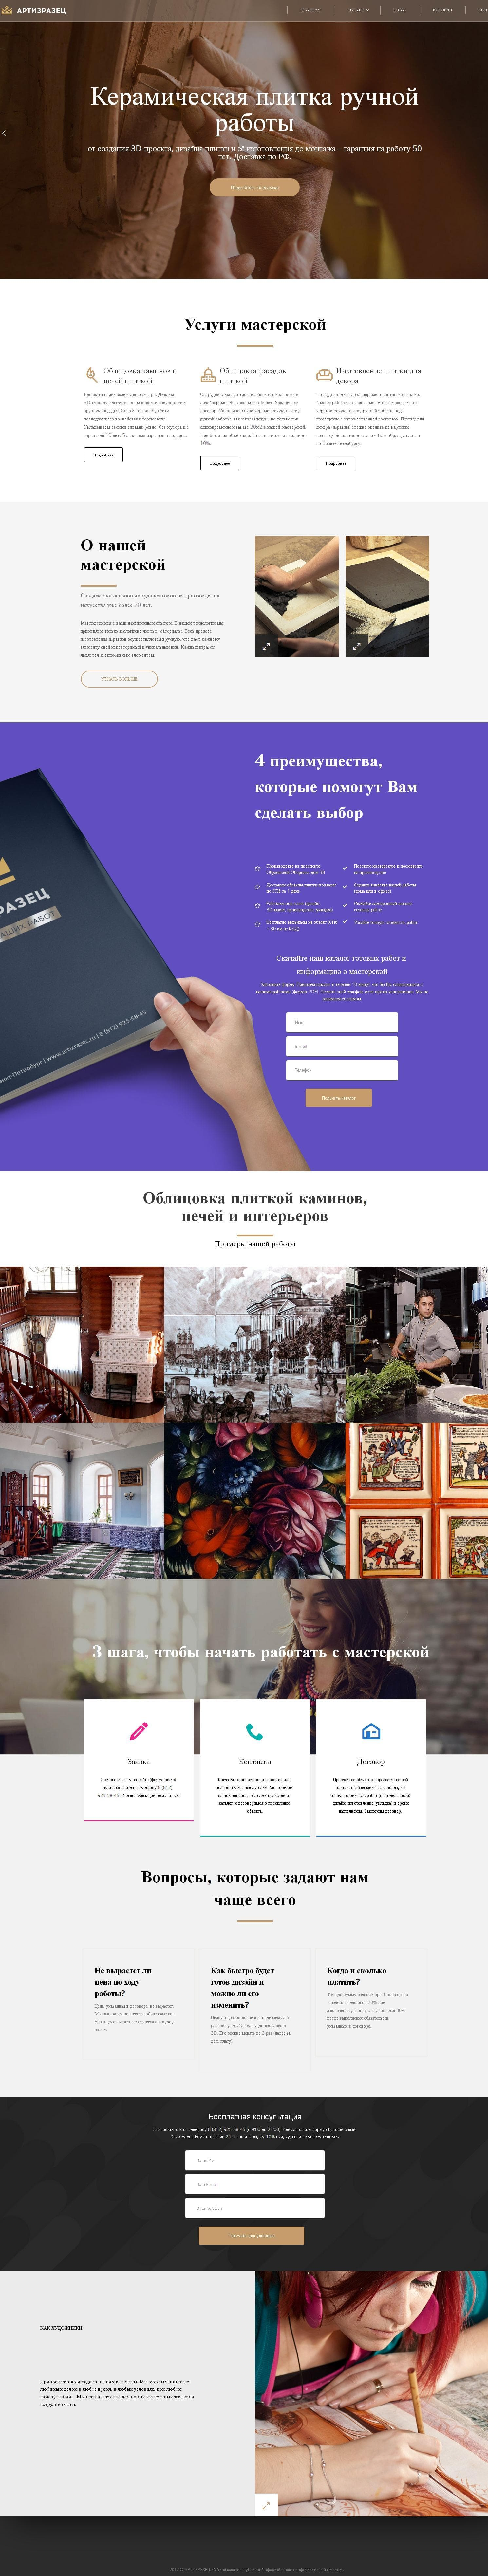 Текст на главную страницу - керамическая плитка-min